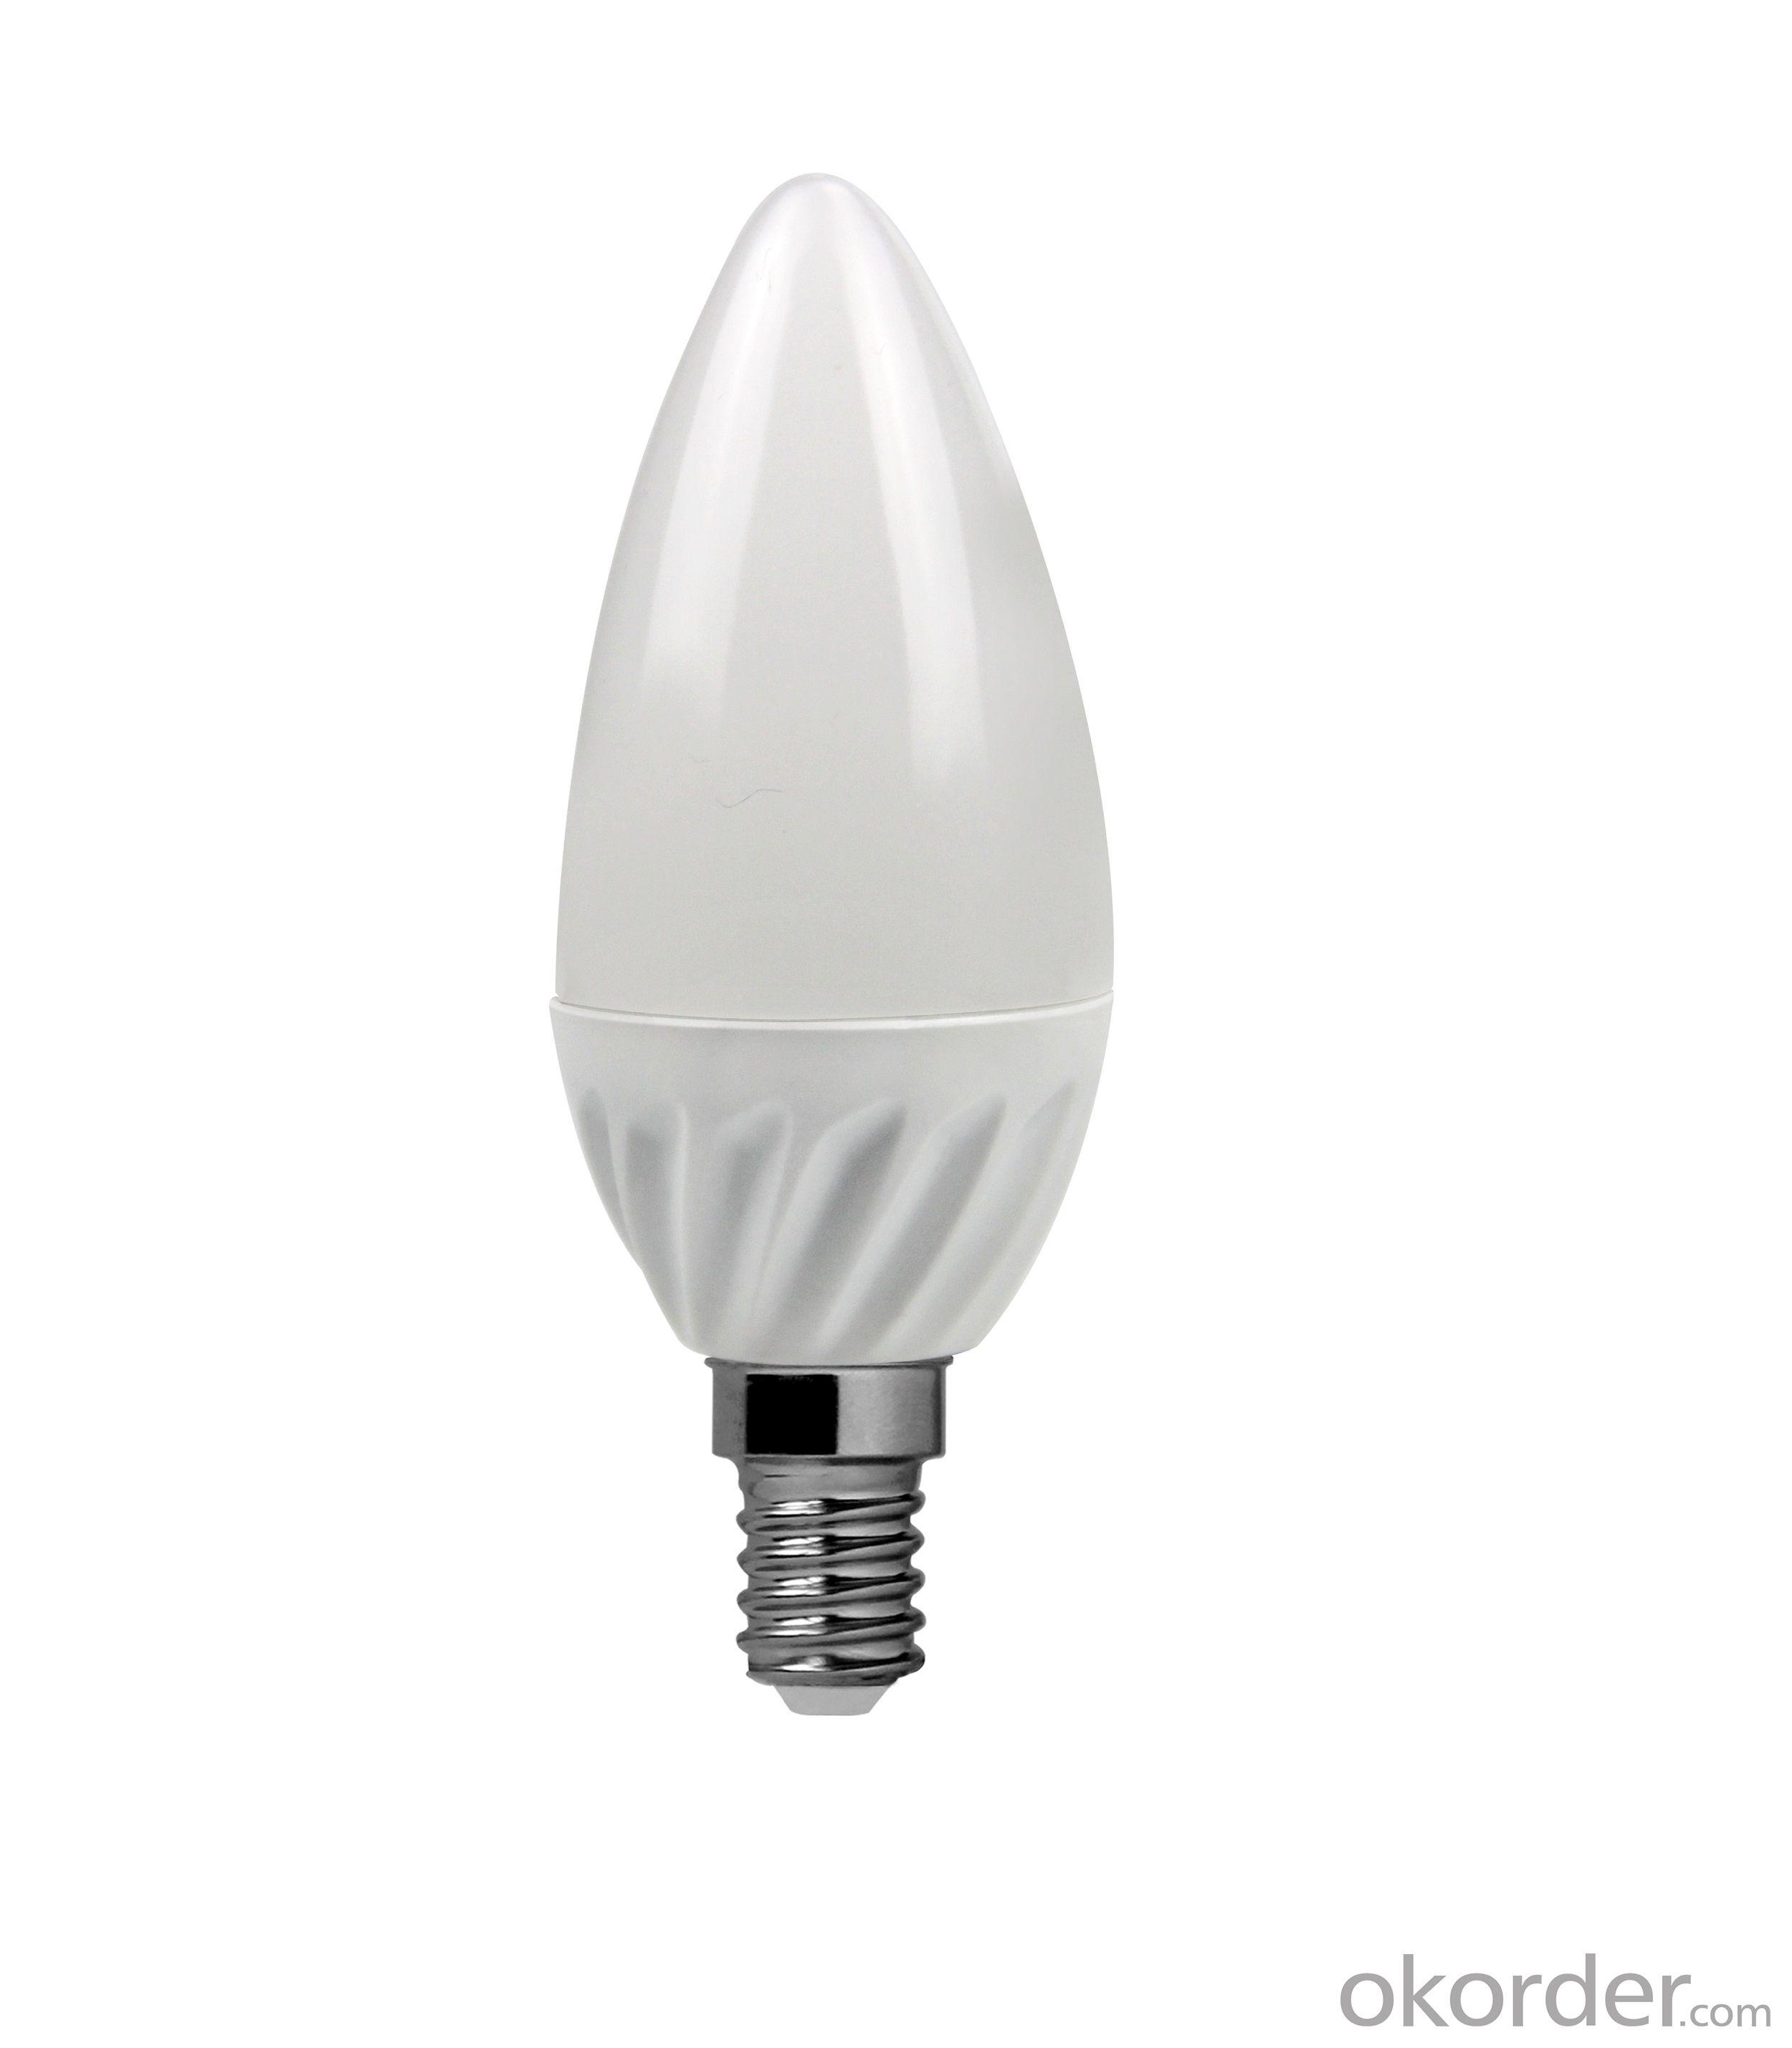 Buy Led Bulb Light E14 C37 5000k 9w 800 Lumen Non Dimmable Price Lighting Controller